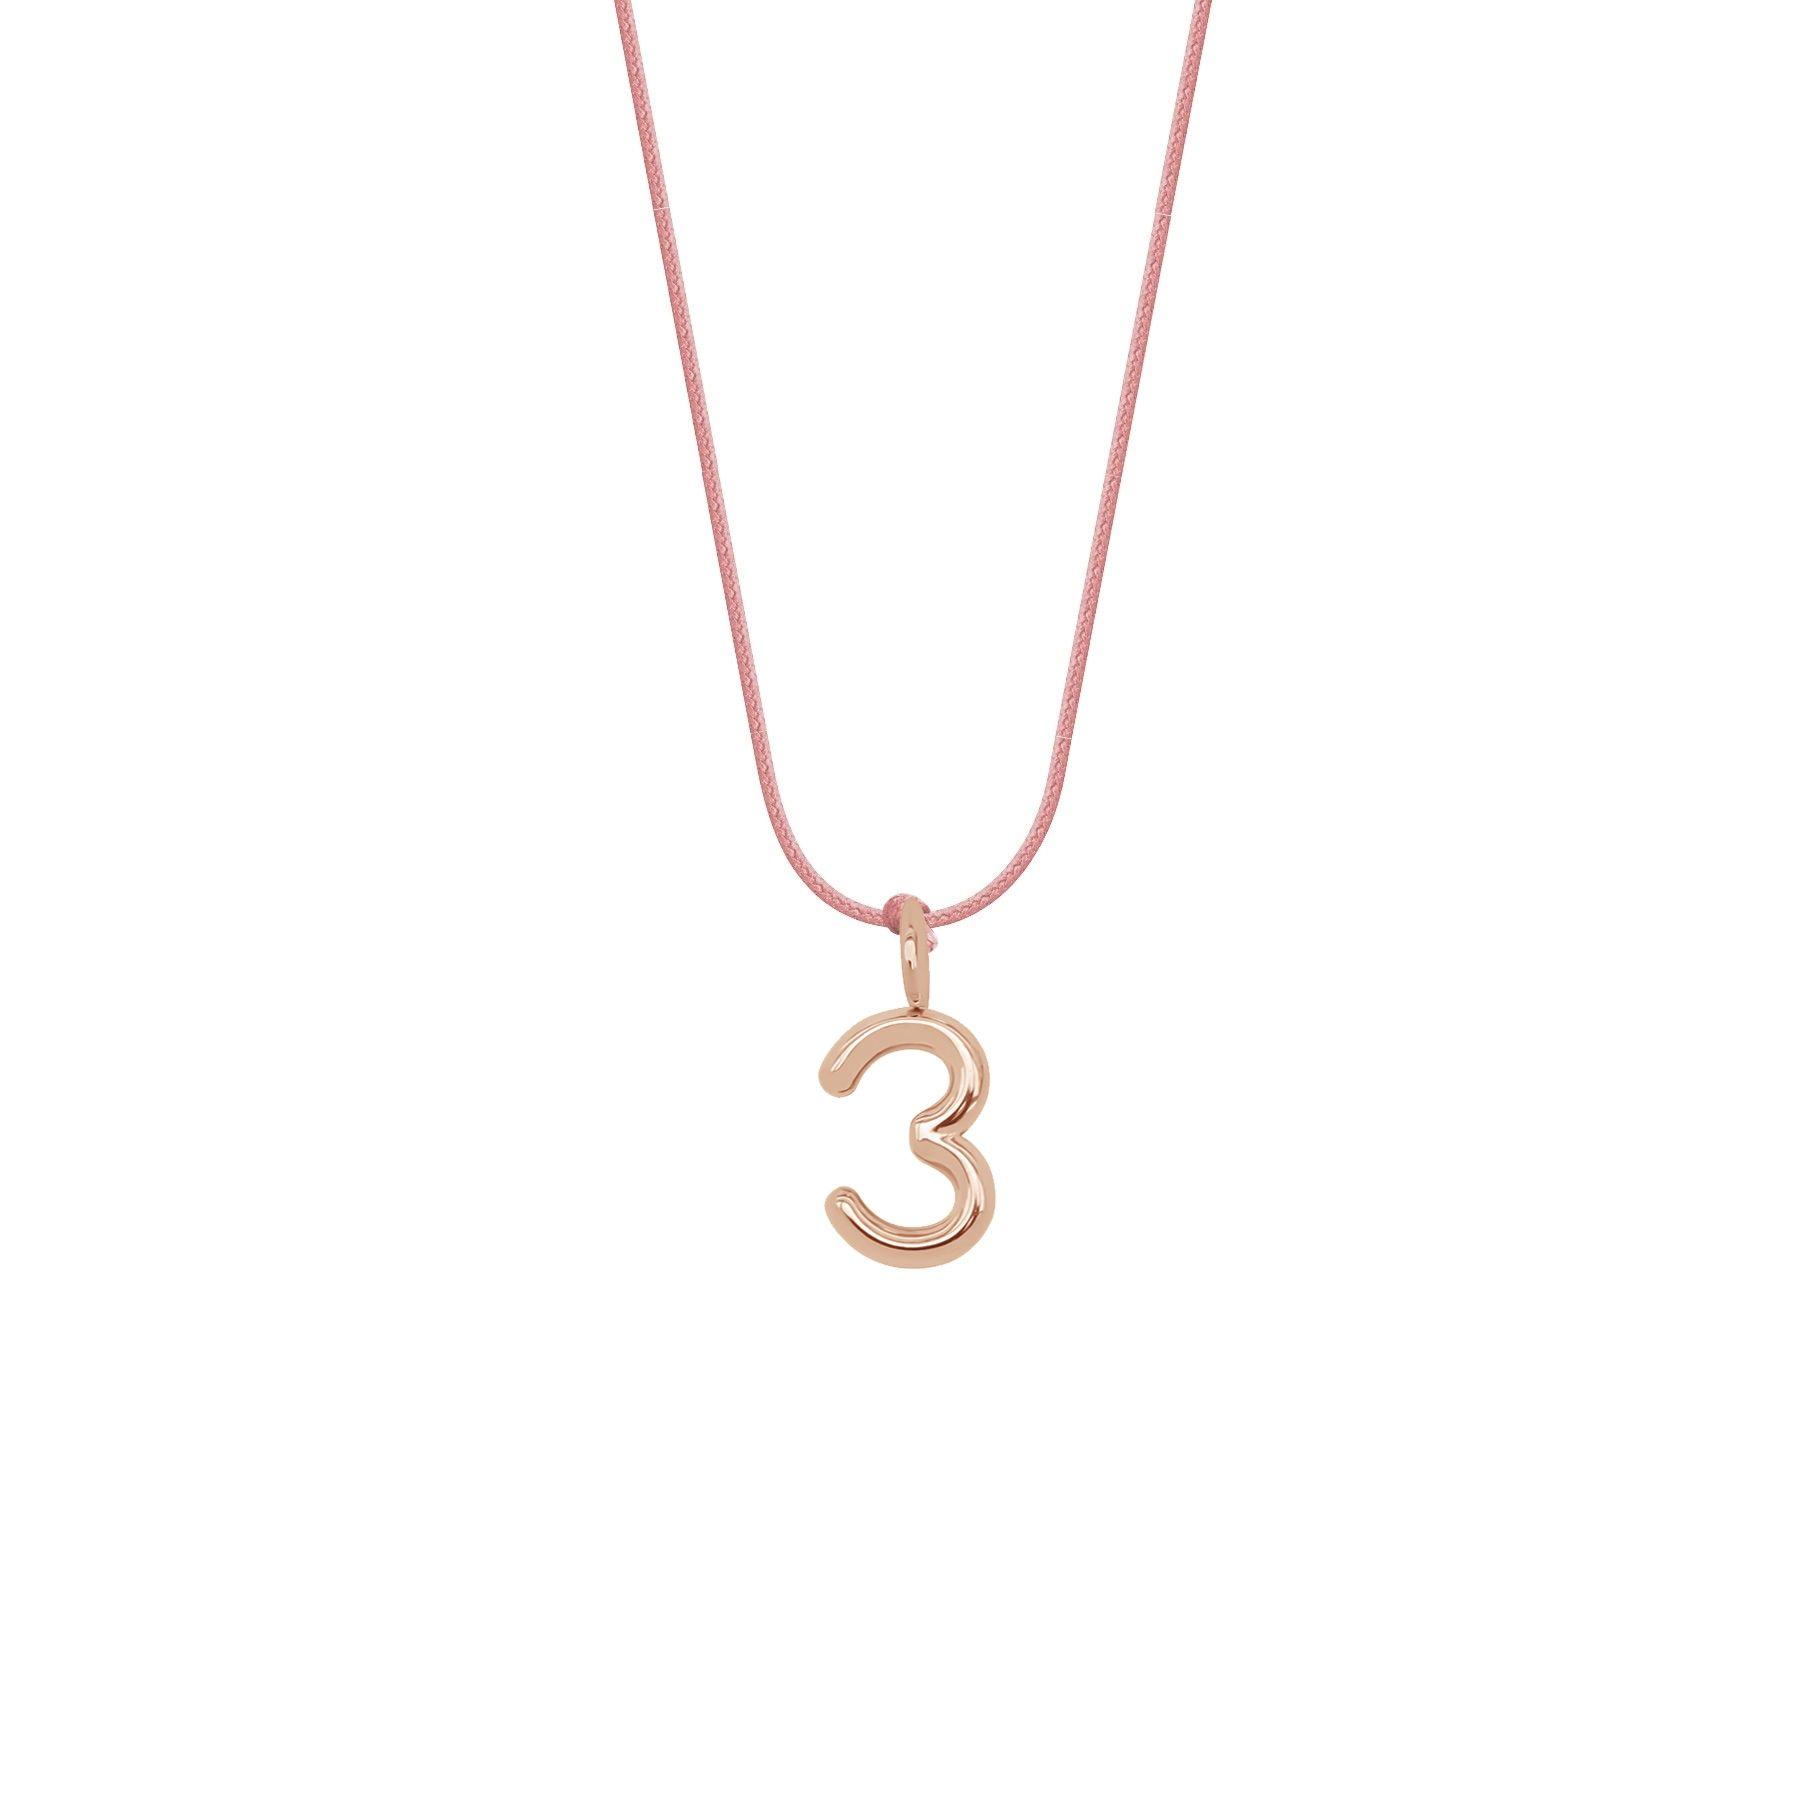 Naszyjnik PRZYJAŹŃ z cyfrą 3, różowe pozłocenie, na cienkim różowym sznurku